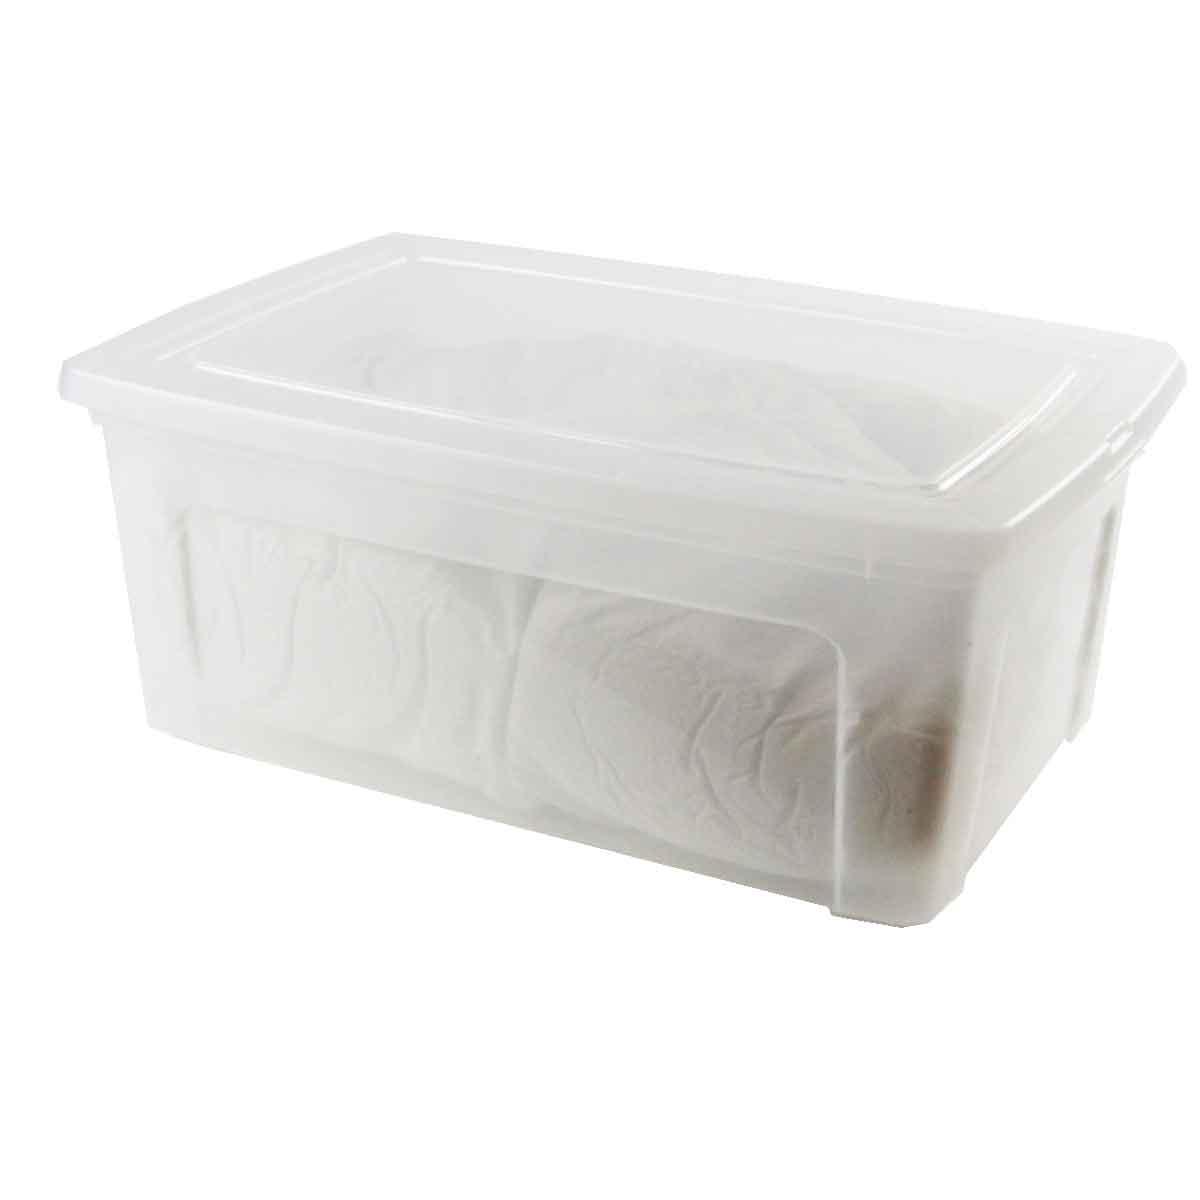 Conseils et utilisation de la boîte en plastique avec couvercle